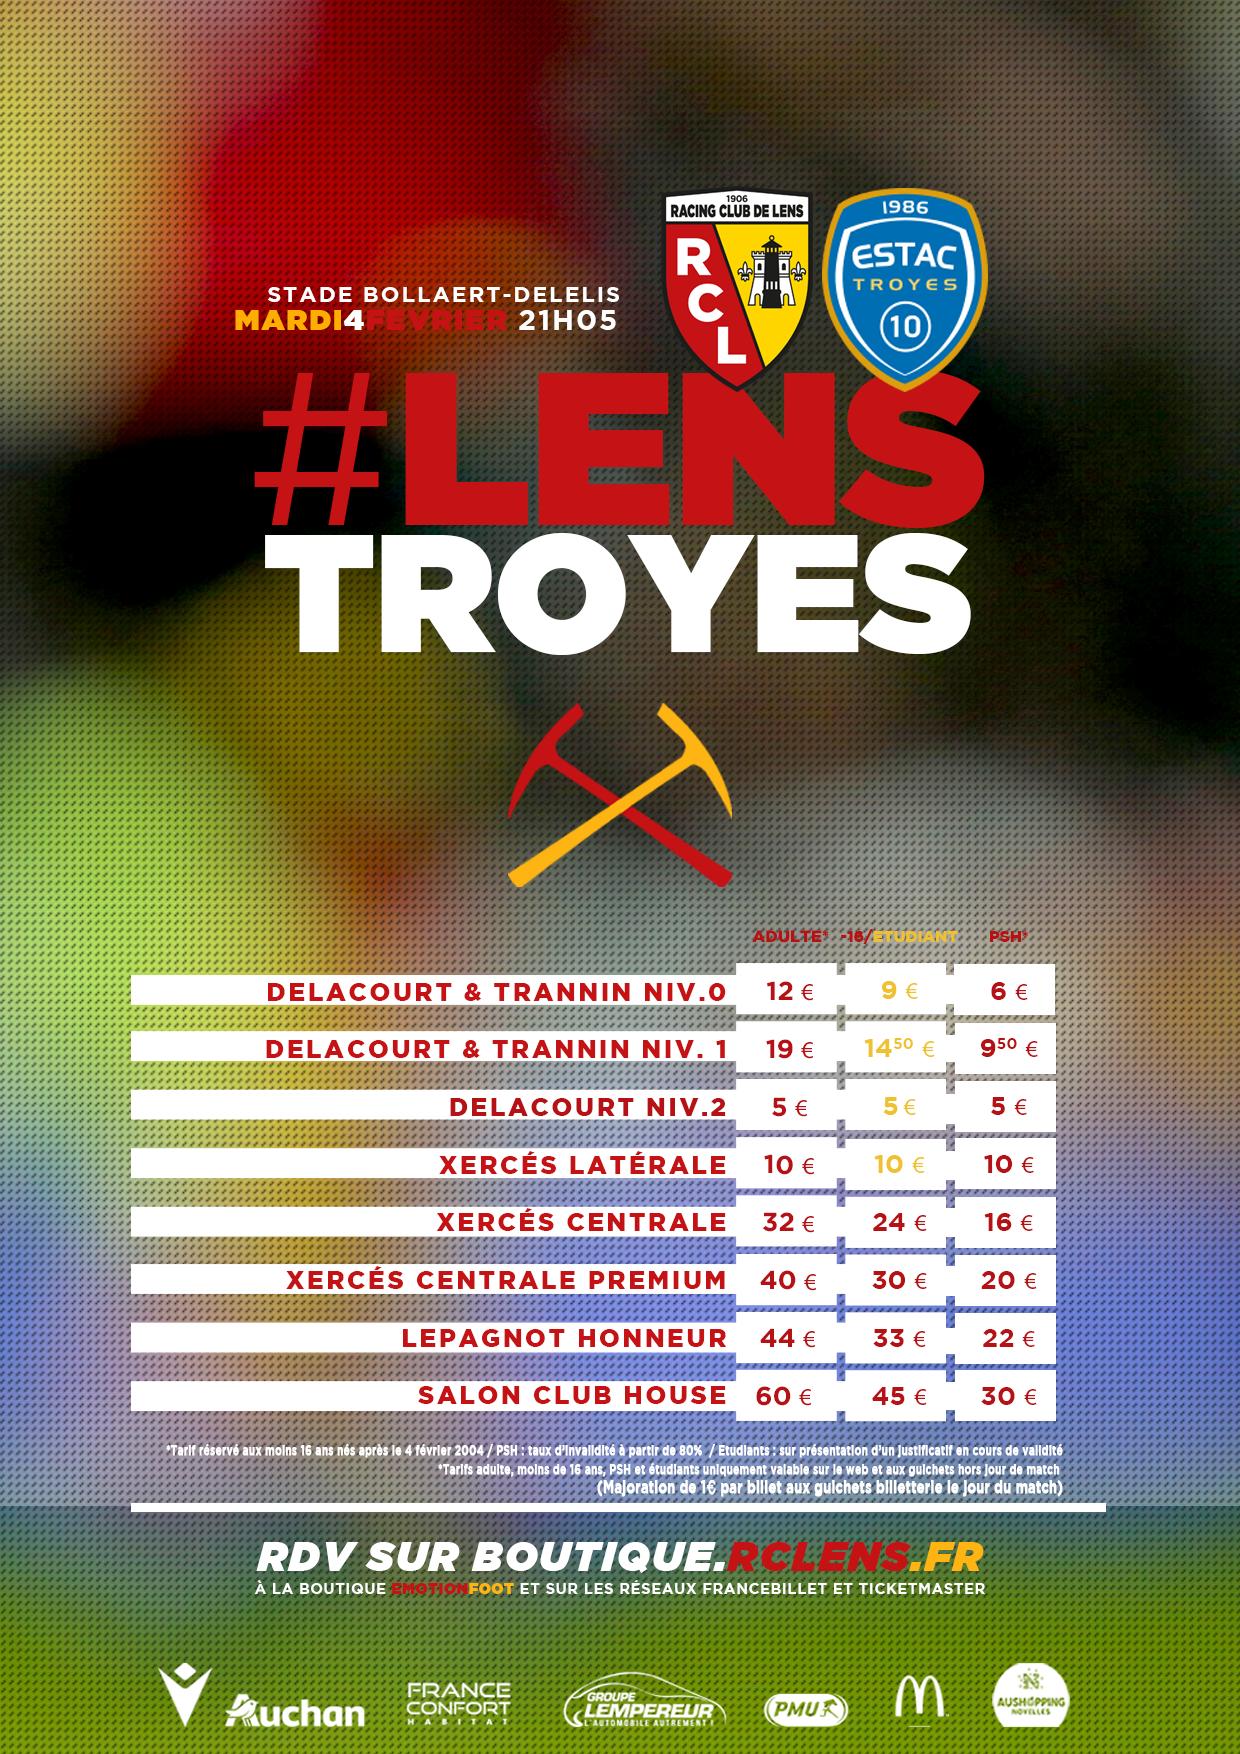 Assistez à Lens - Troyes tarifs billetterie rclens